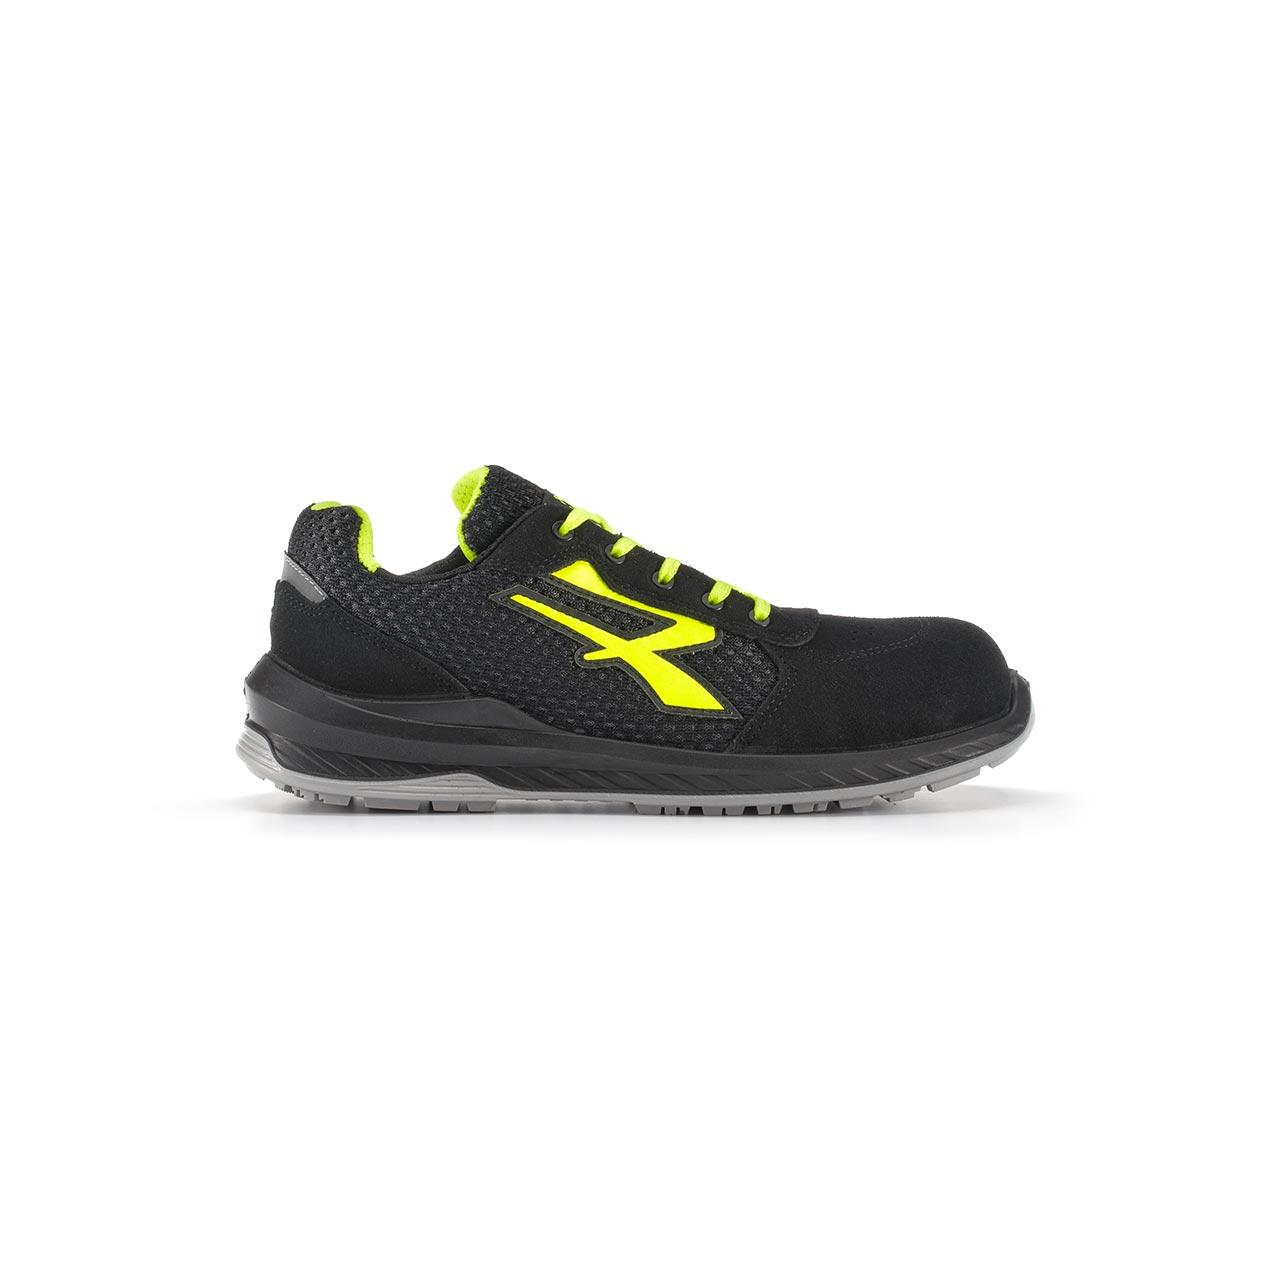 calzatura da lavoro upower modello marsiglia linea redindustry vista lato destro